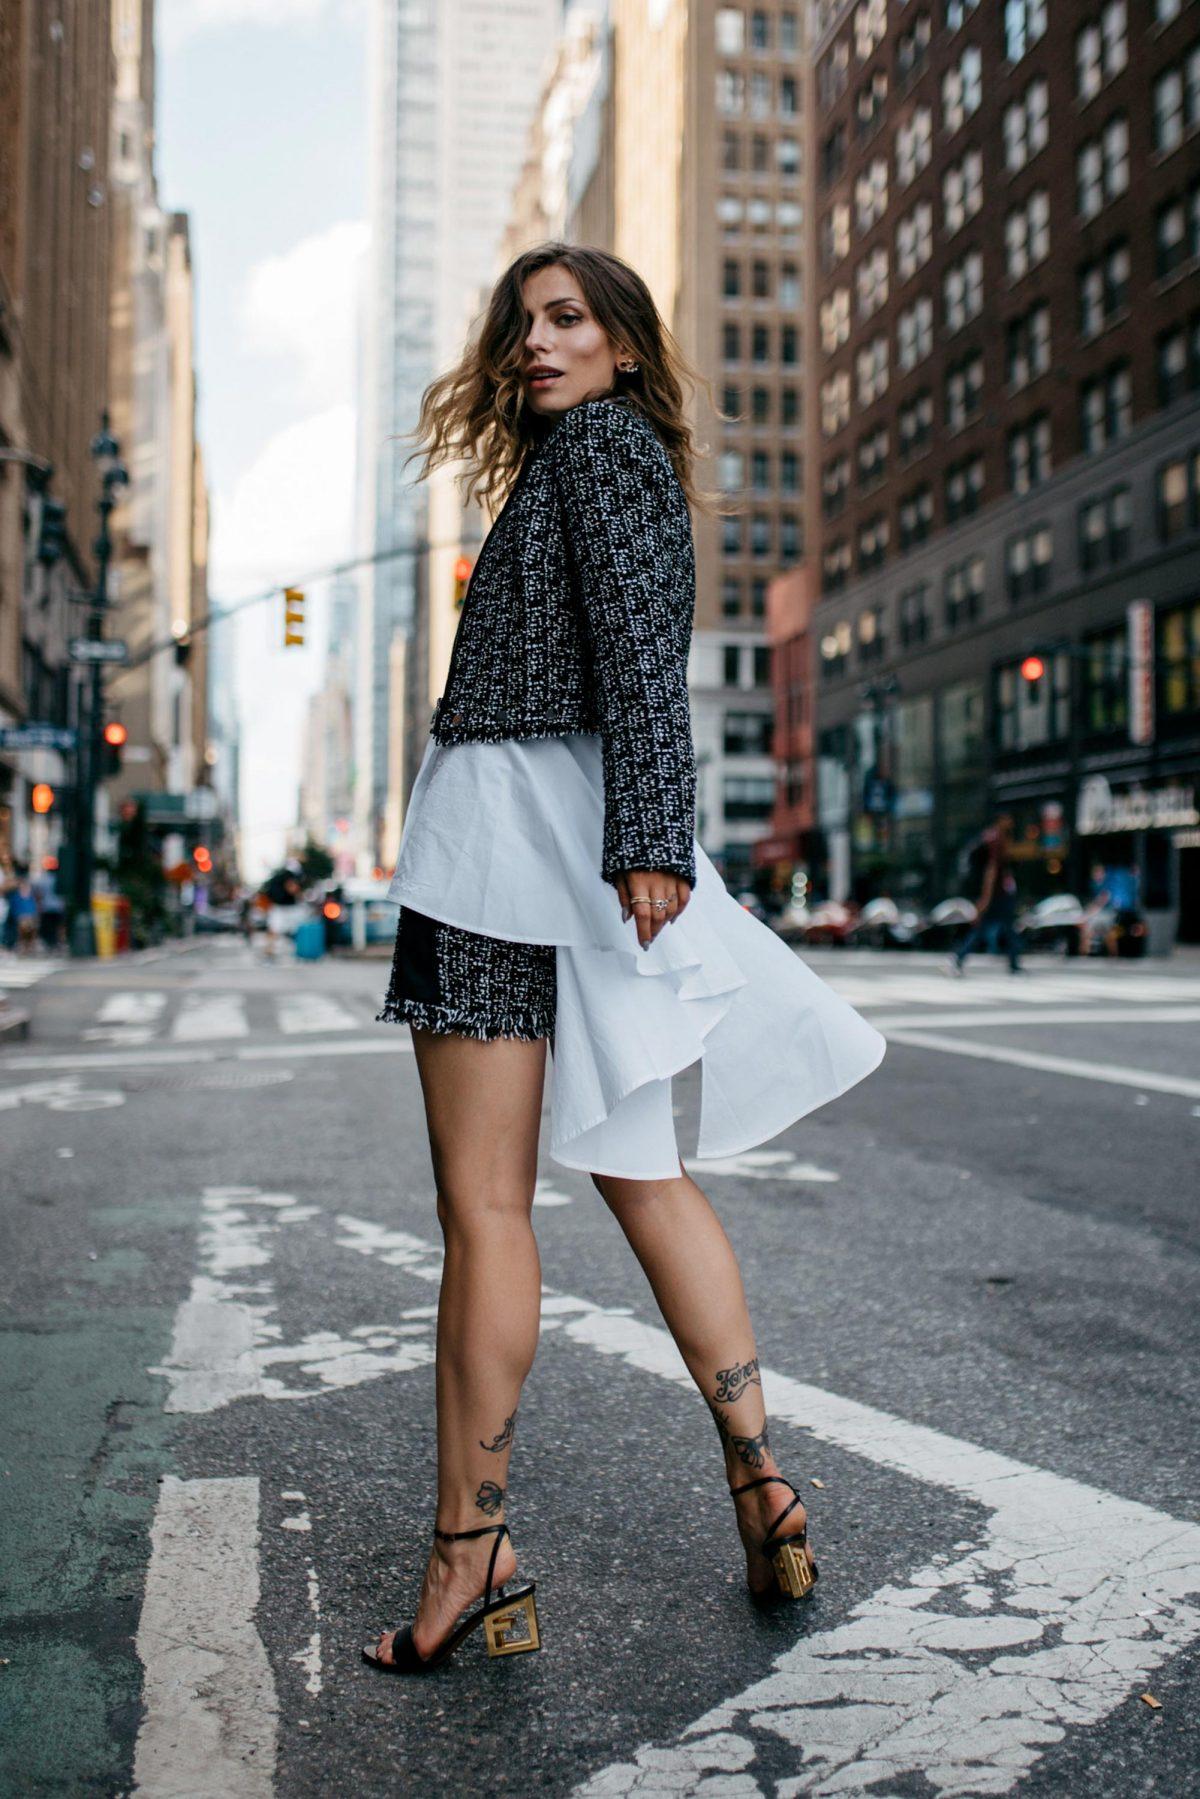 Karl Lagerfeld goes NYC